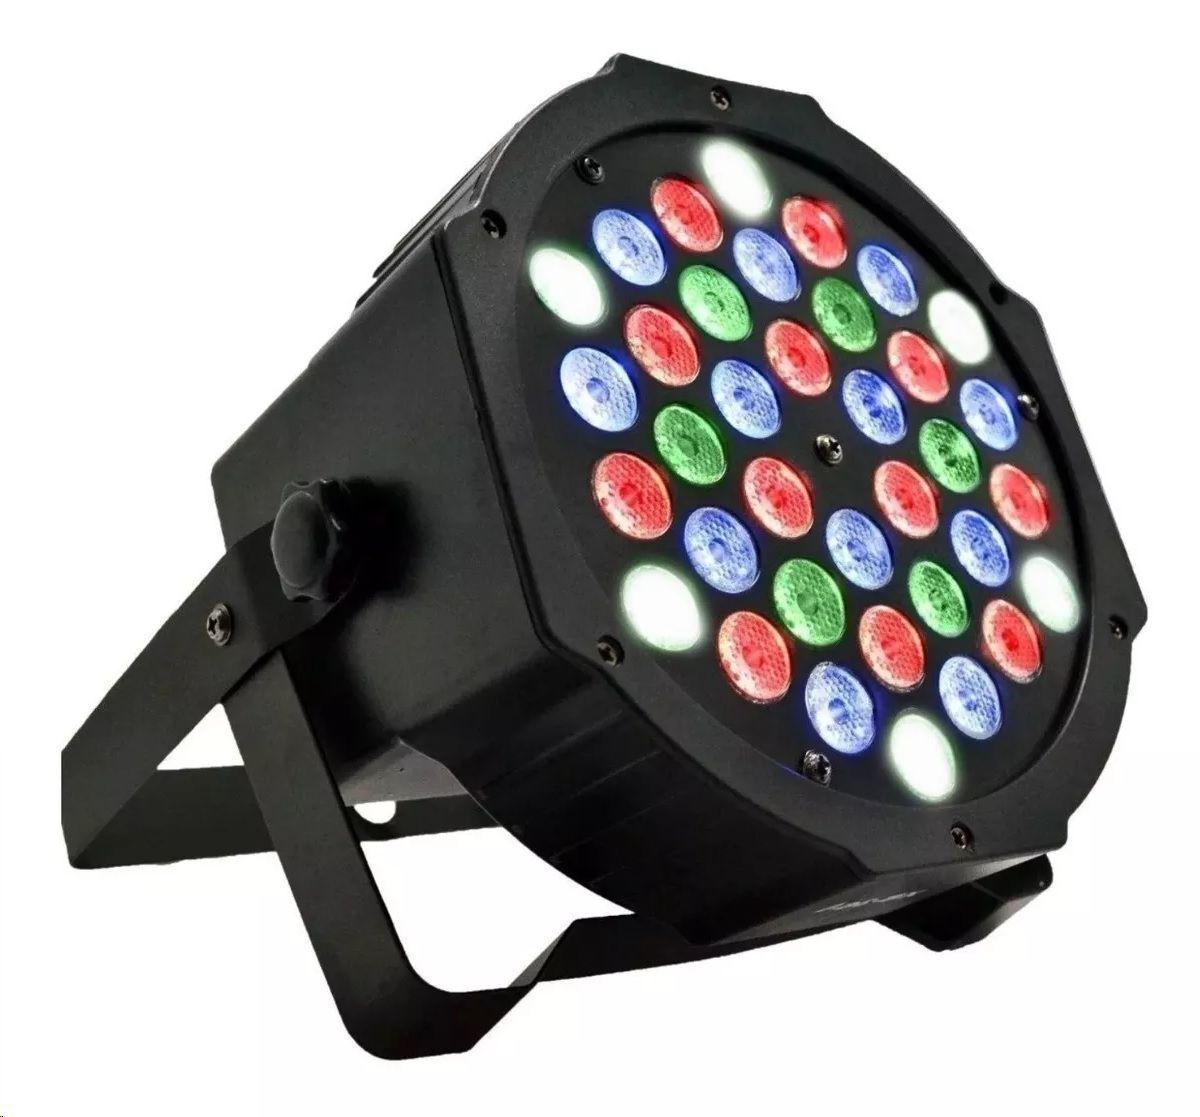 Kit Com 2 Canhão De Luz Led Par 64 Rgb 36 Leds Dmx Digital Strobo - Hl-36p